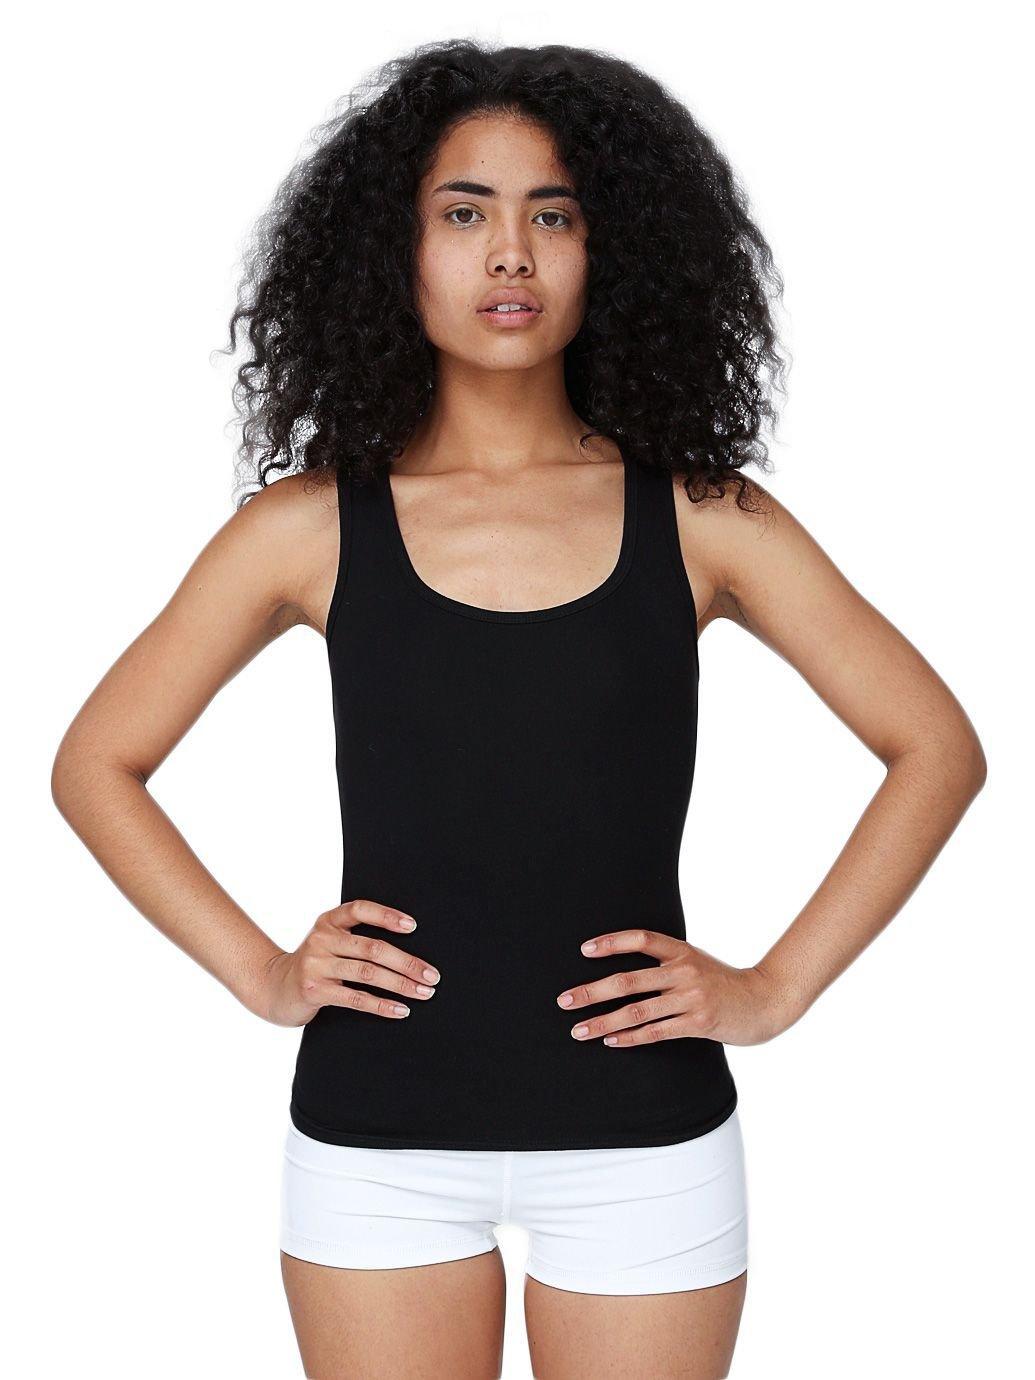 American Apparel Women's Cotton Spandex Tank Top Size M Black